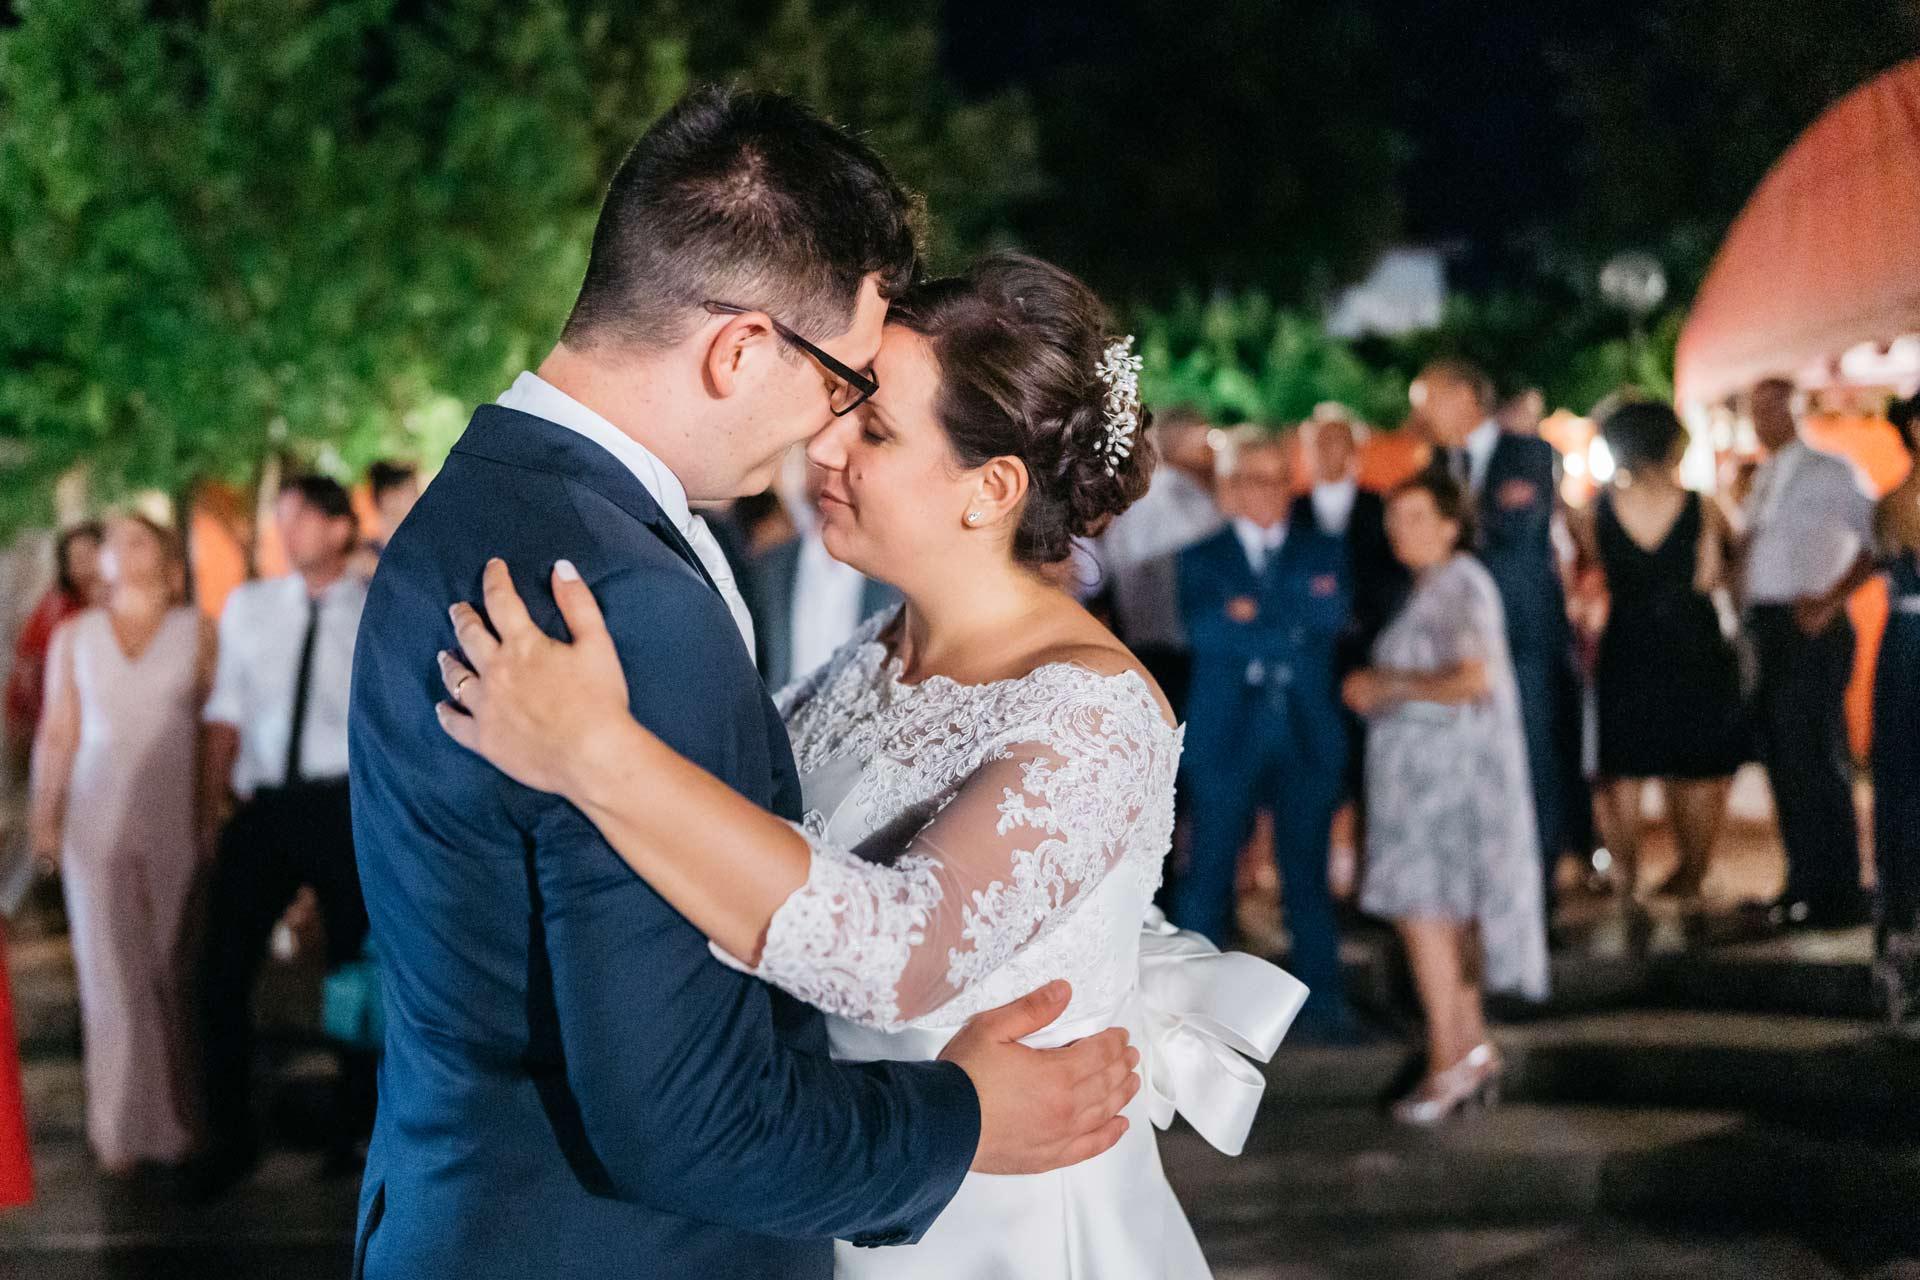 fotografo-matrimoni-reportage-s&g-simone-nunzi-villaggio-martini